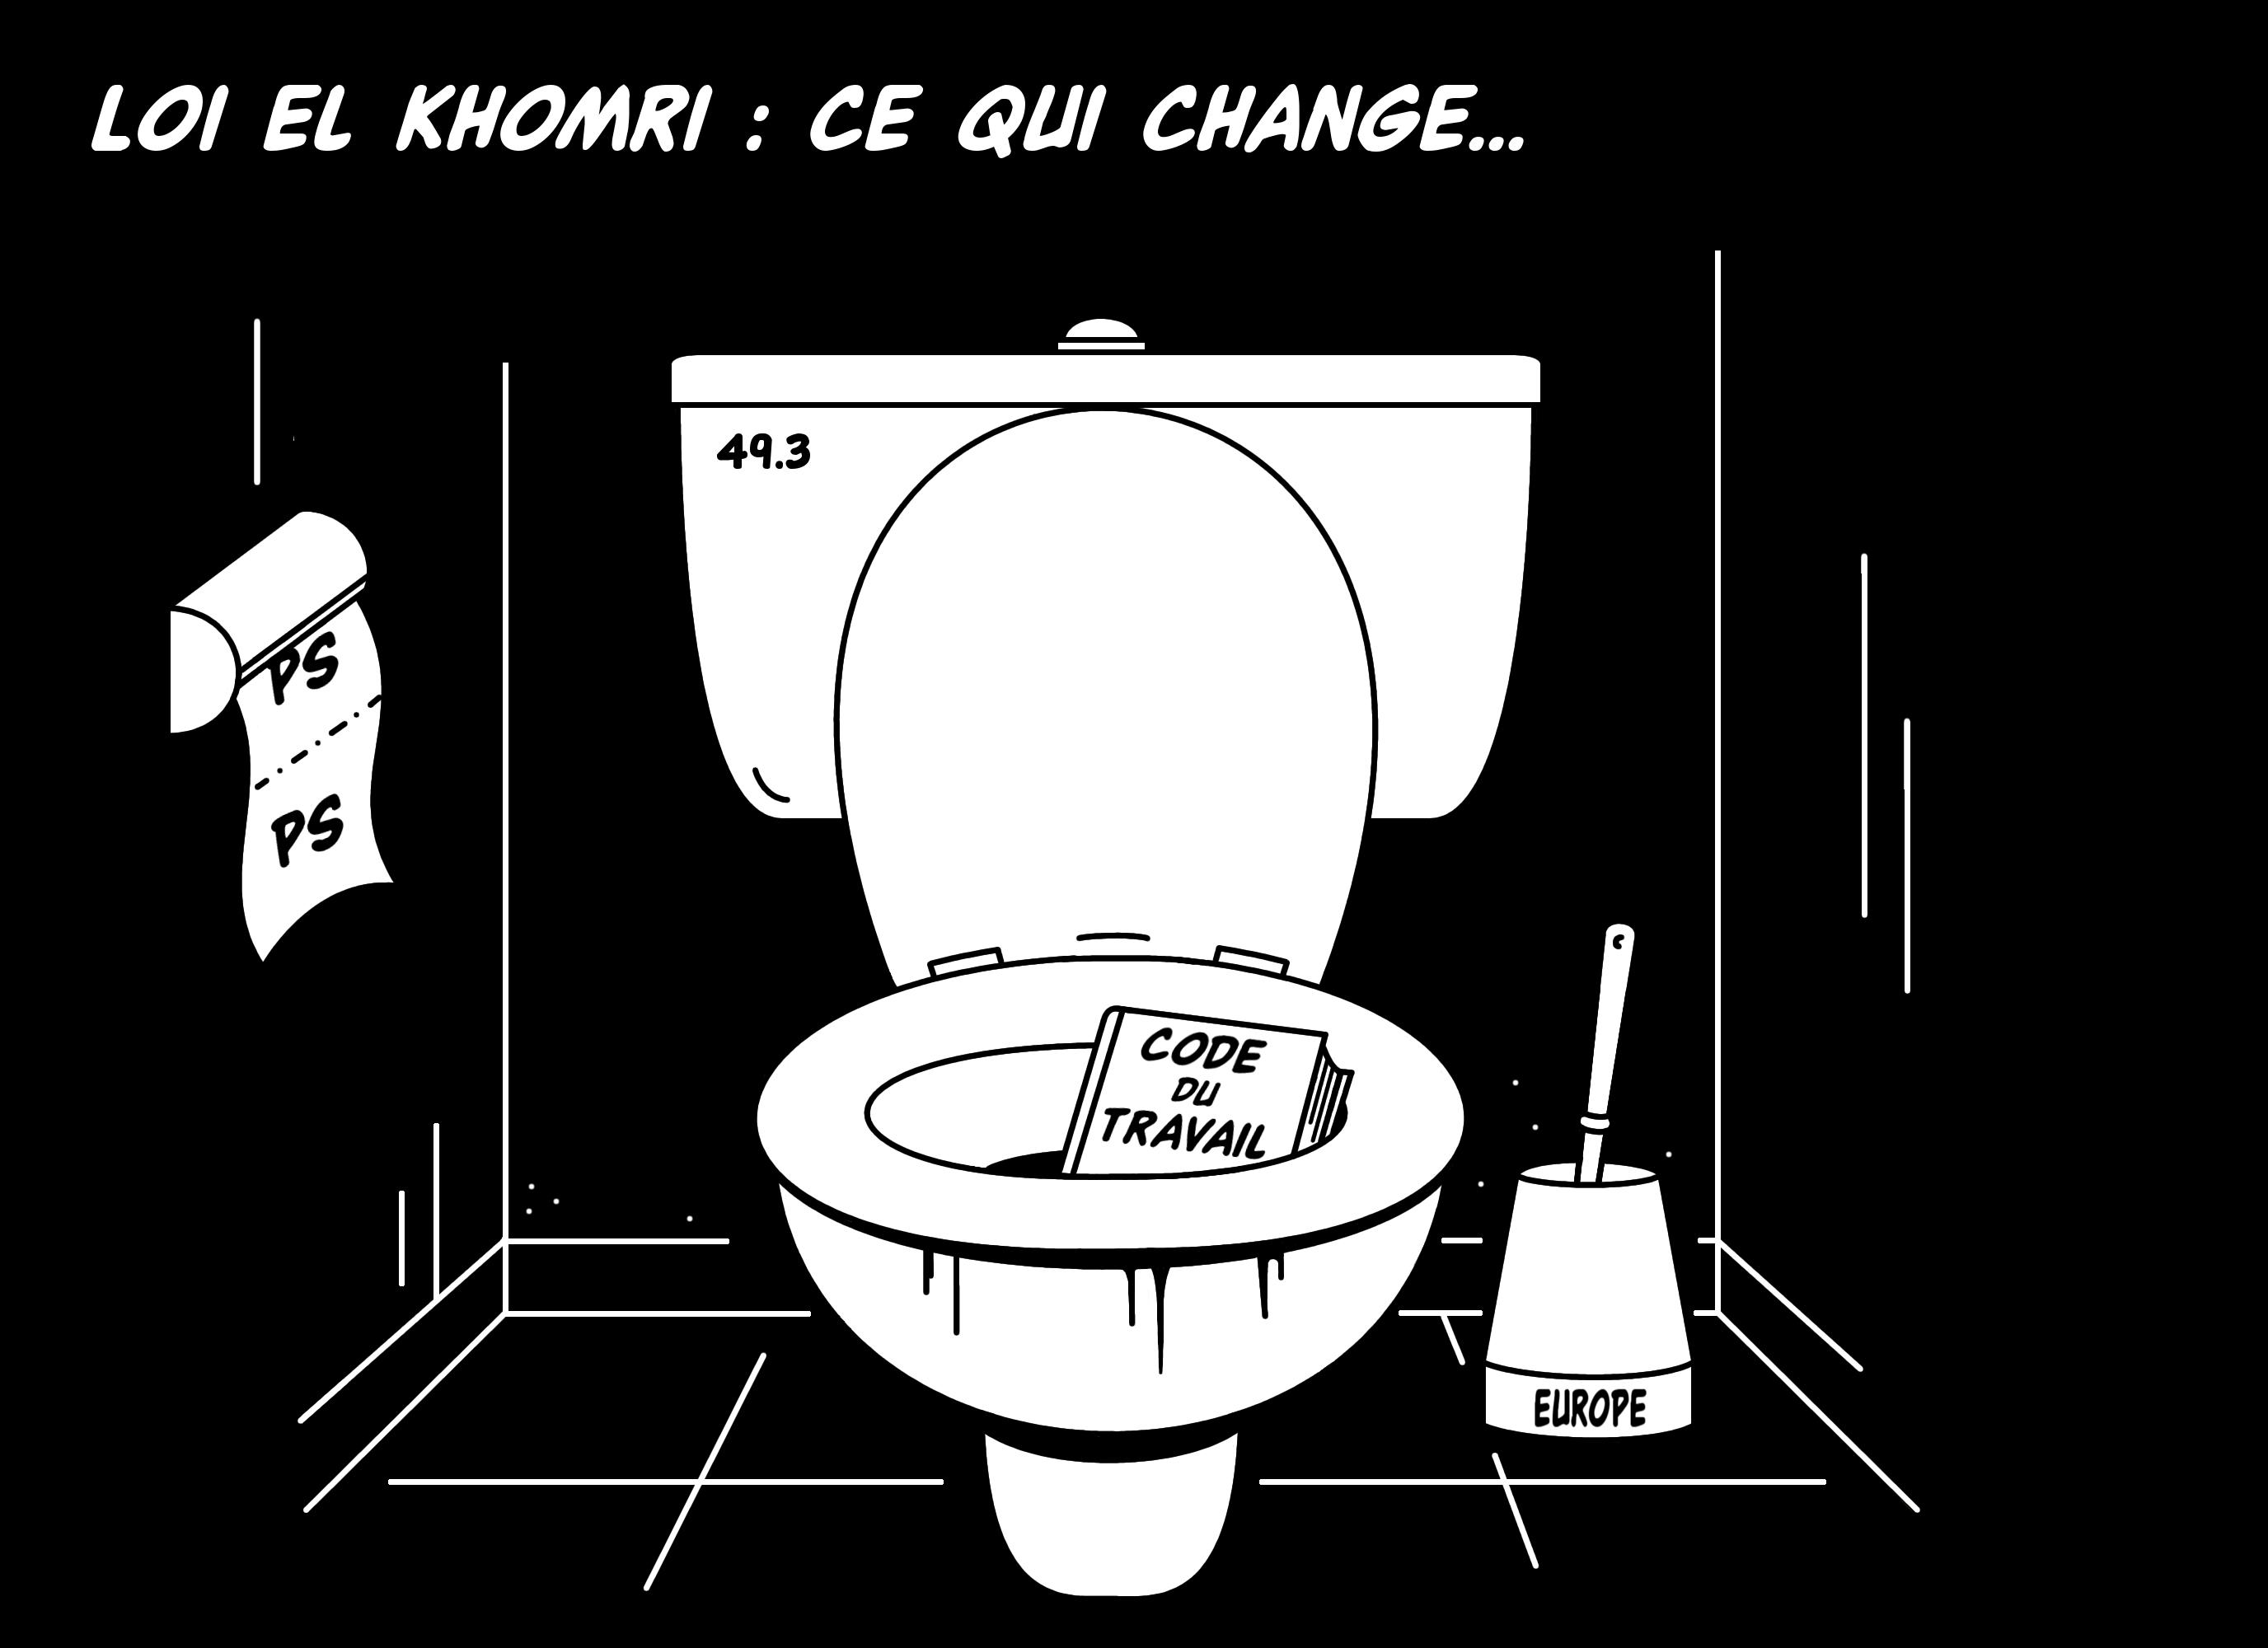 Dessin loi el khomri ce qui change - Loi alur ce qui change ...